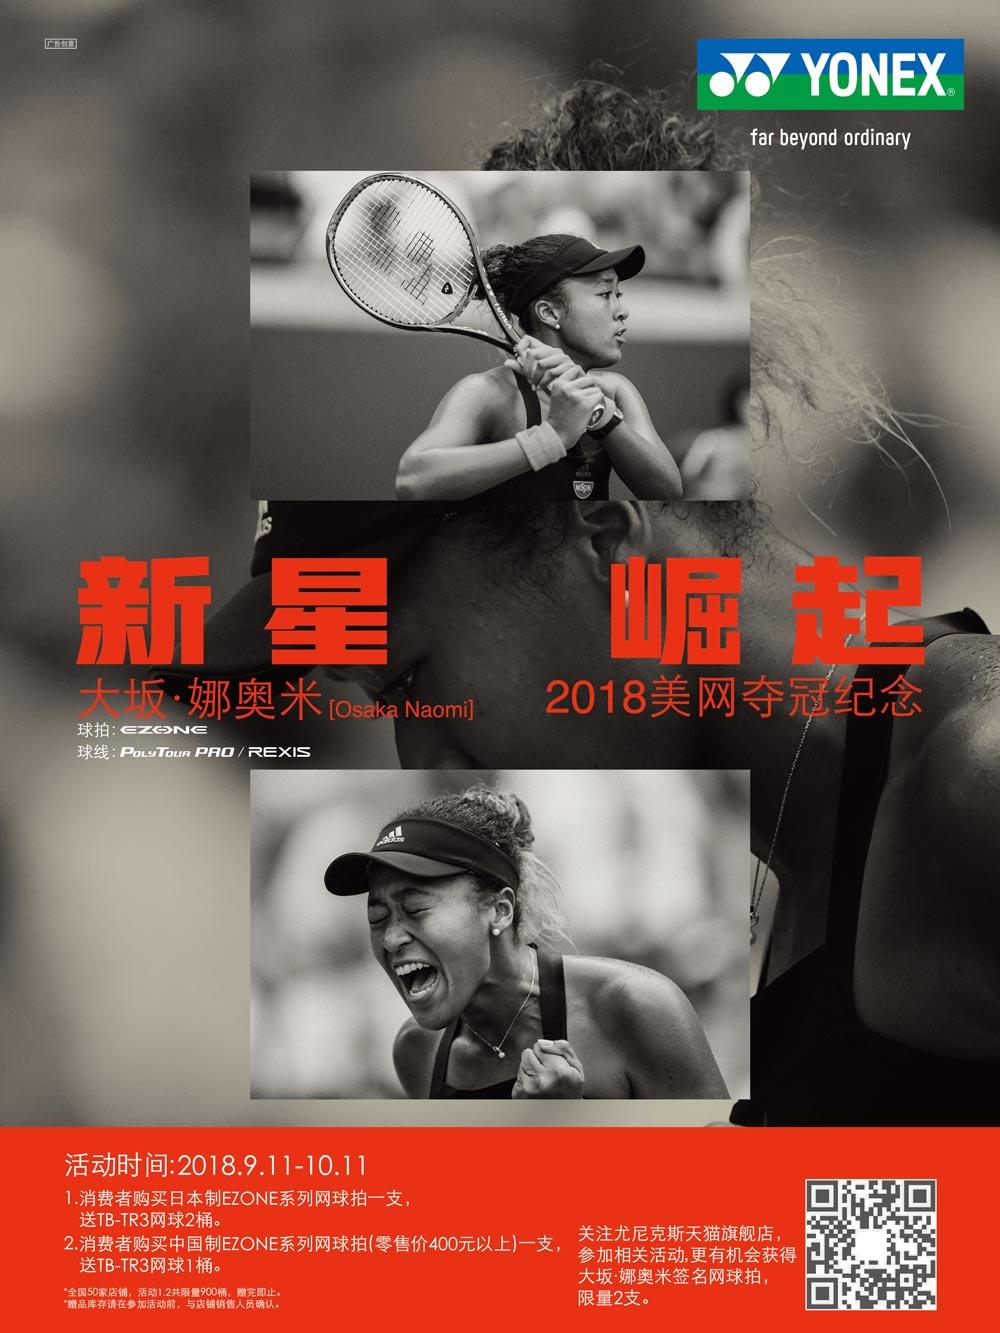 大坂娜奥米美网夺冠活动海报-V2S.jpg